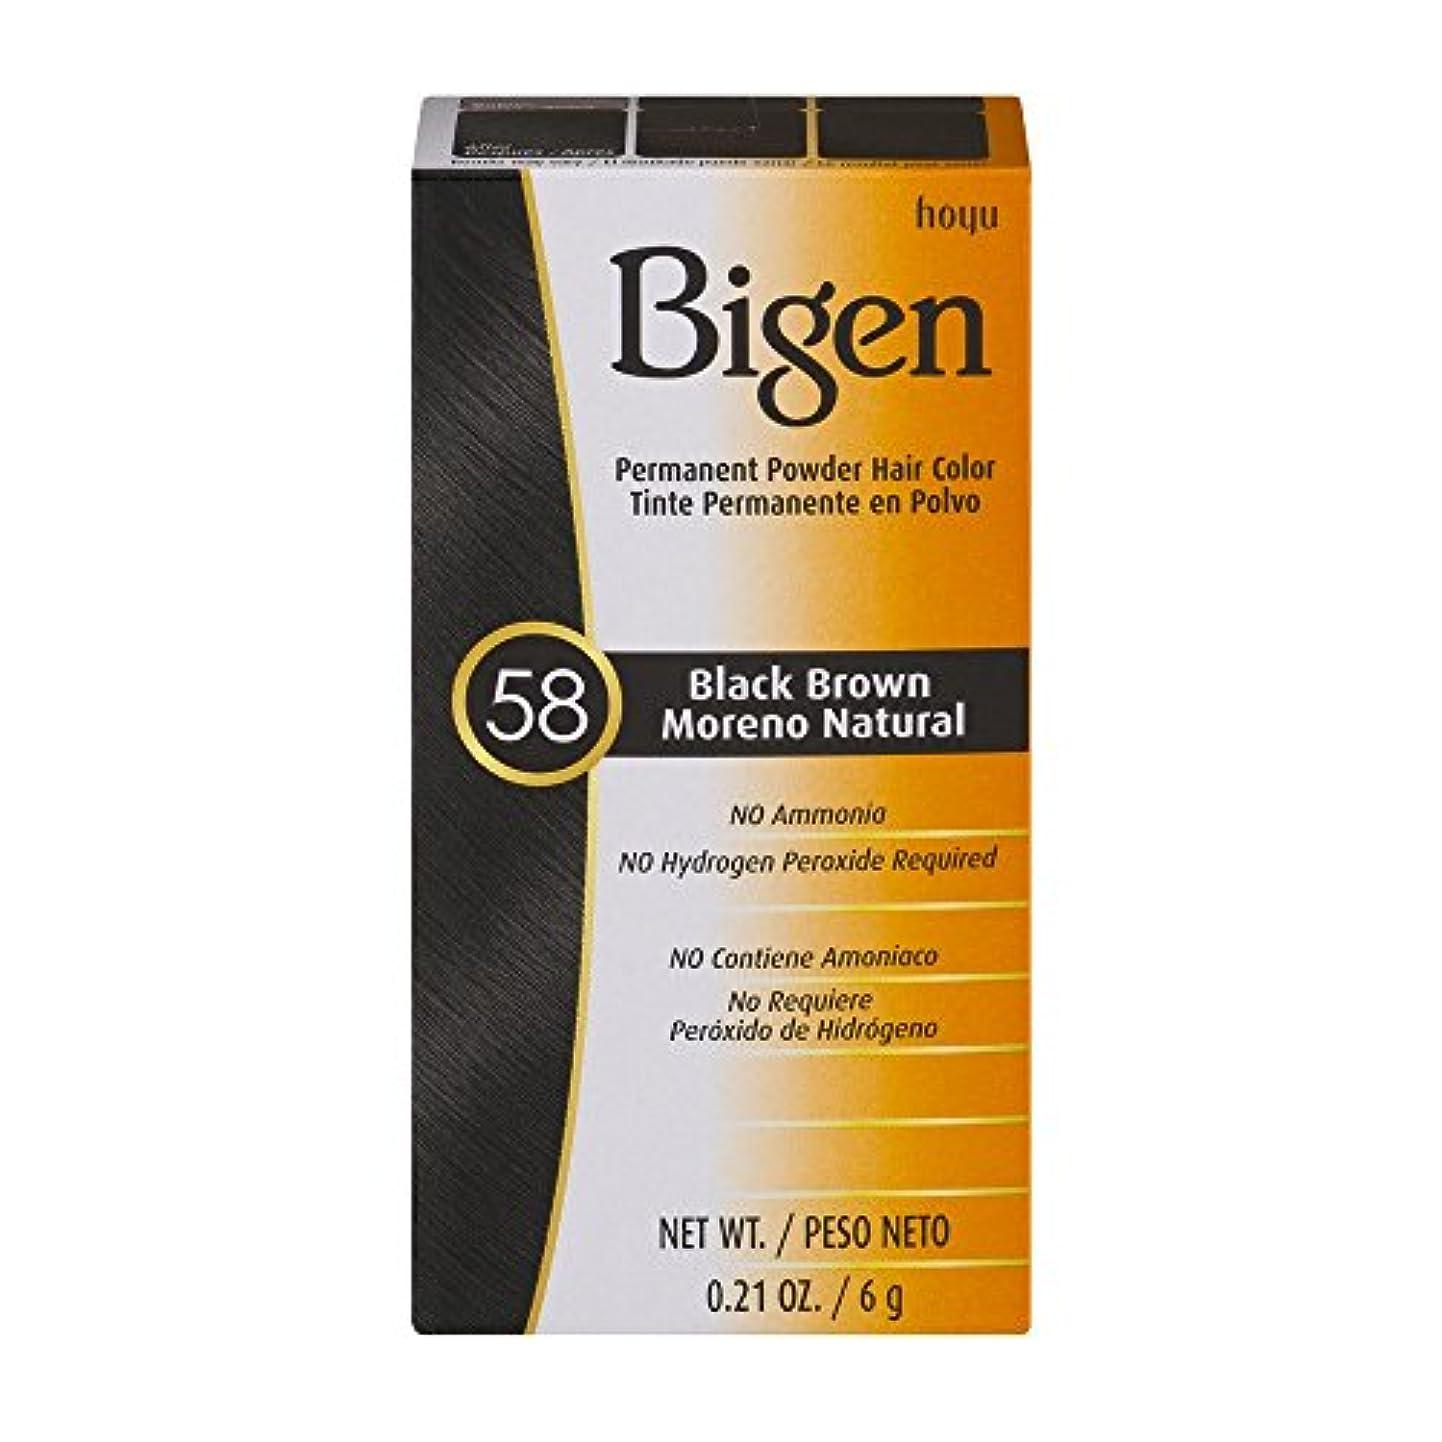 精通したかなり交差点Bigen パウダーヘアカラー#58ブラックブラウン0.21Oz(3パック) 0.21オンス(3パック) 黒褐色